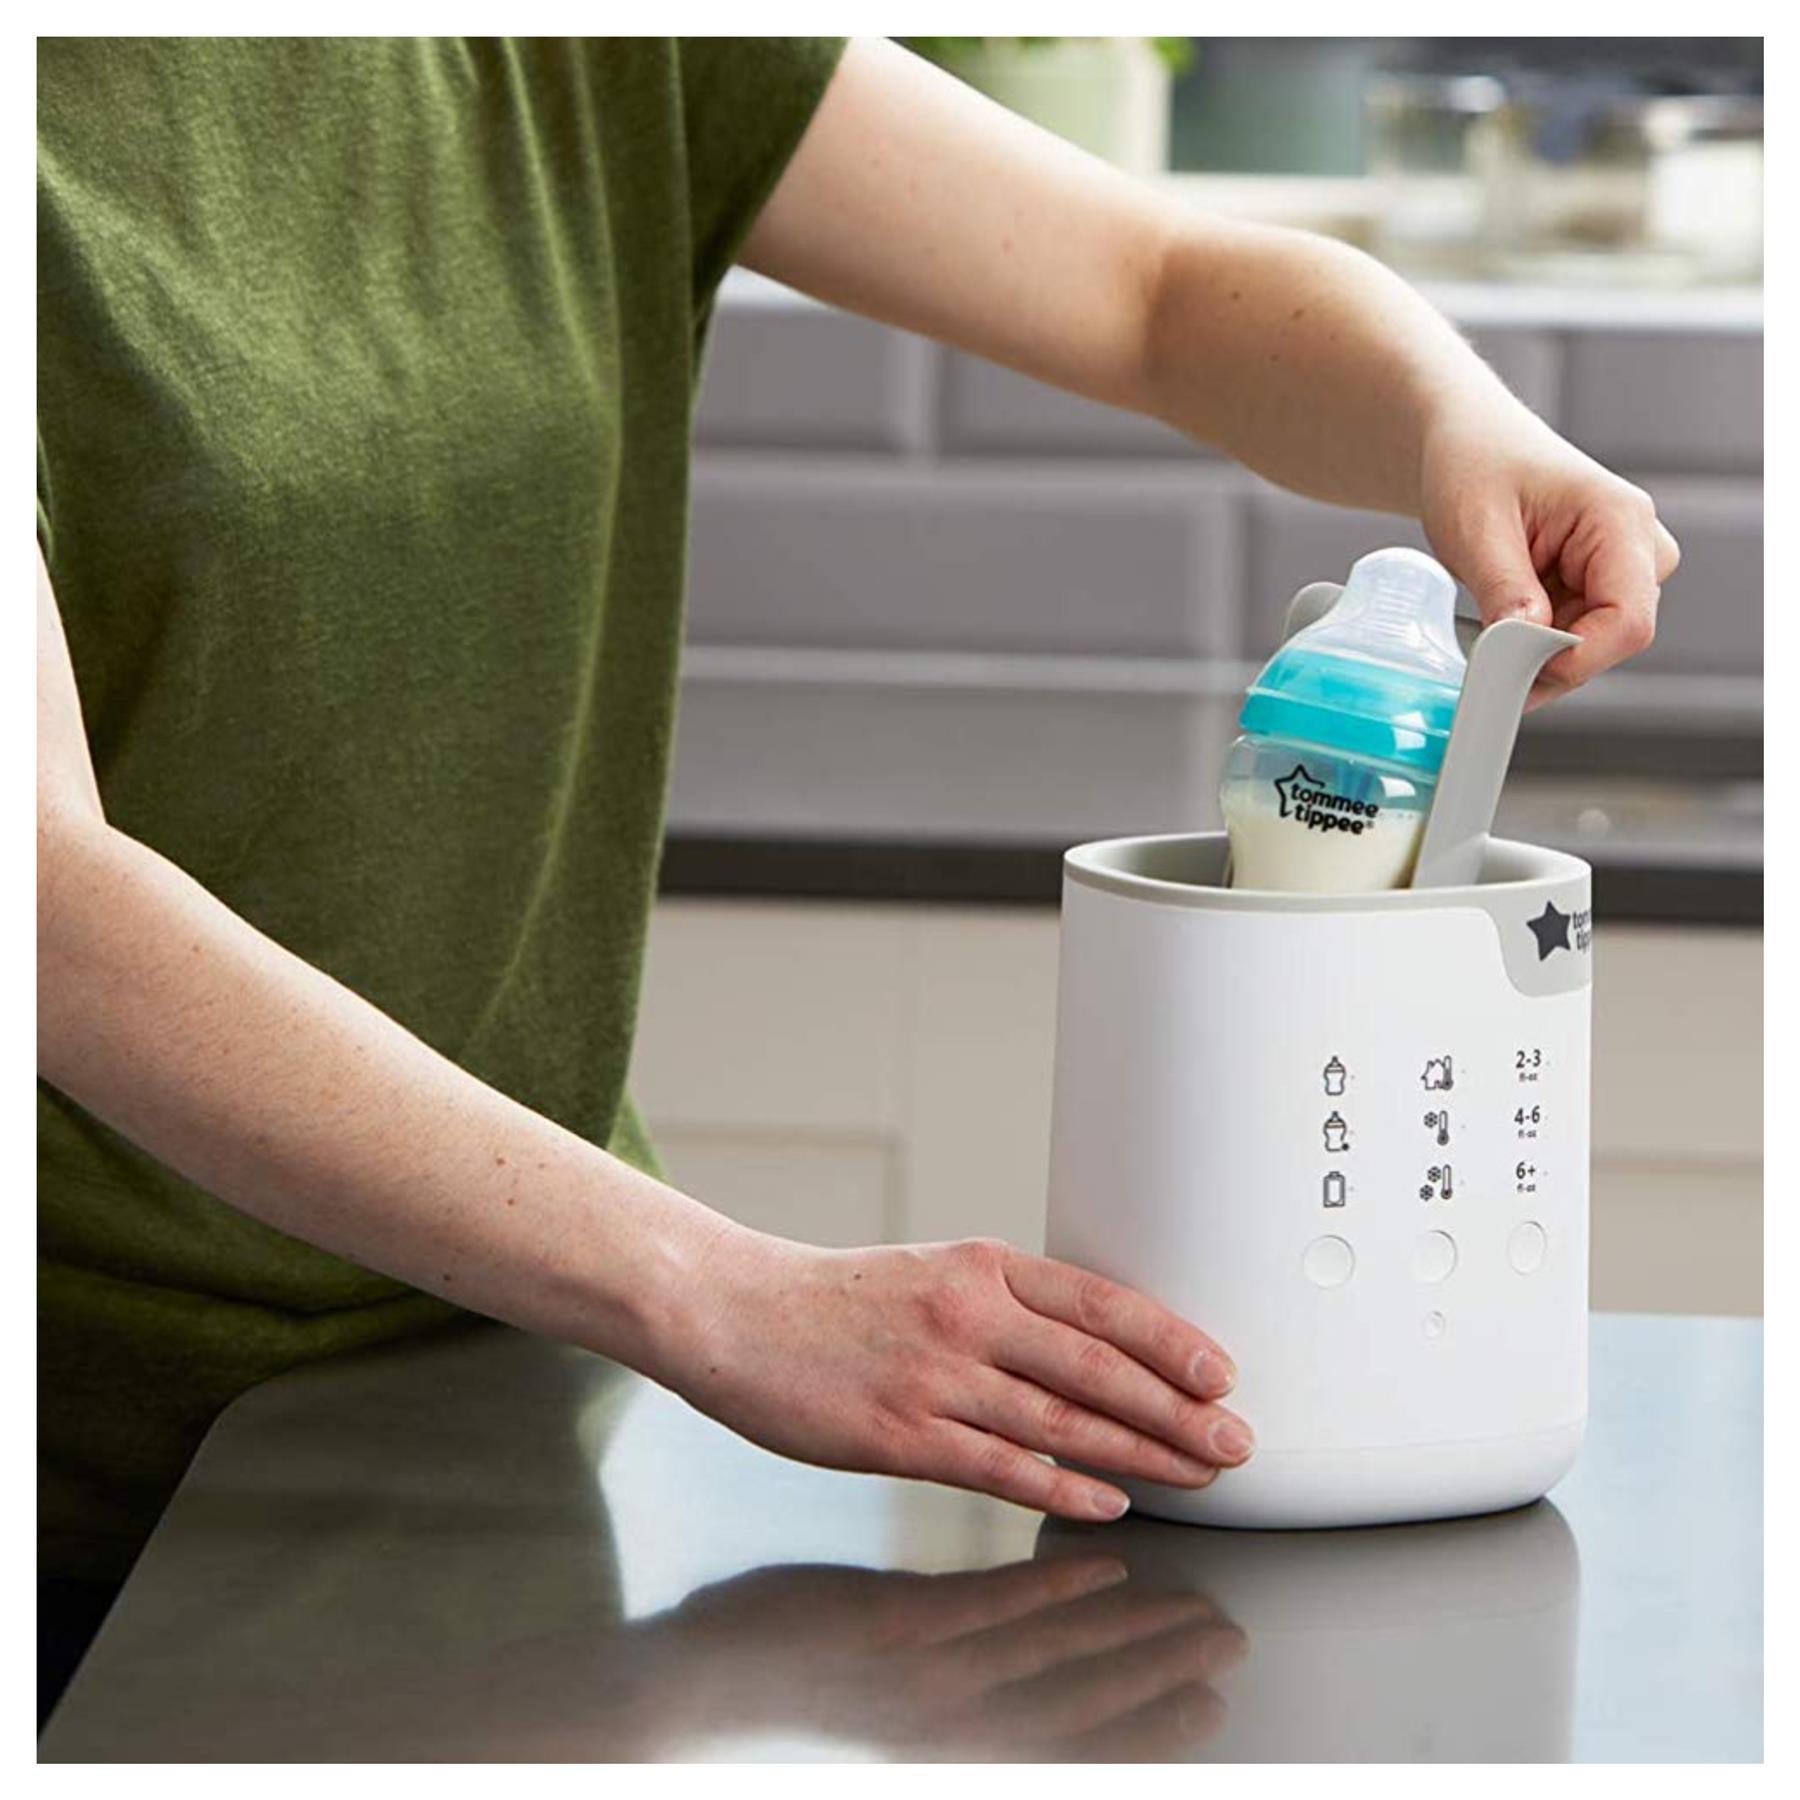 Tommee Tippee Portable Travel Baby Food Warmer eau chaude bouteille de lait aliment nouveau